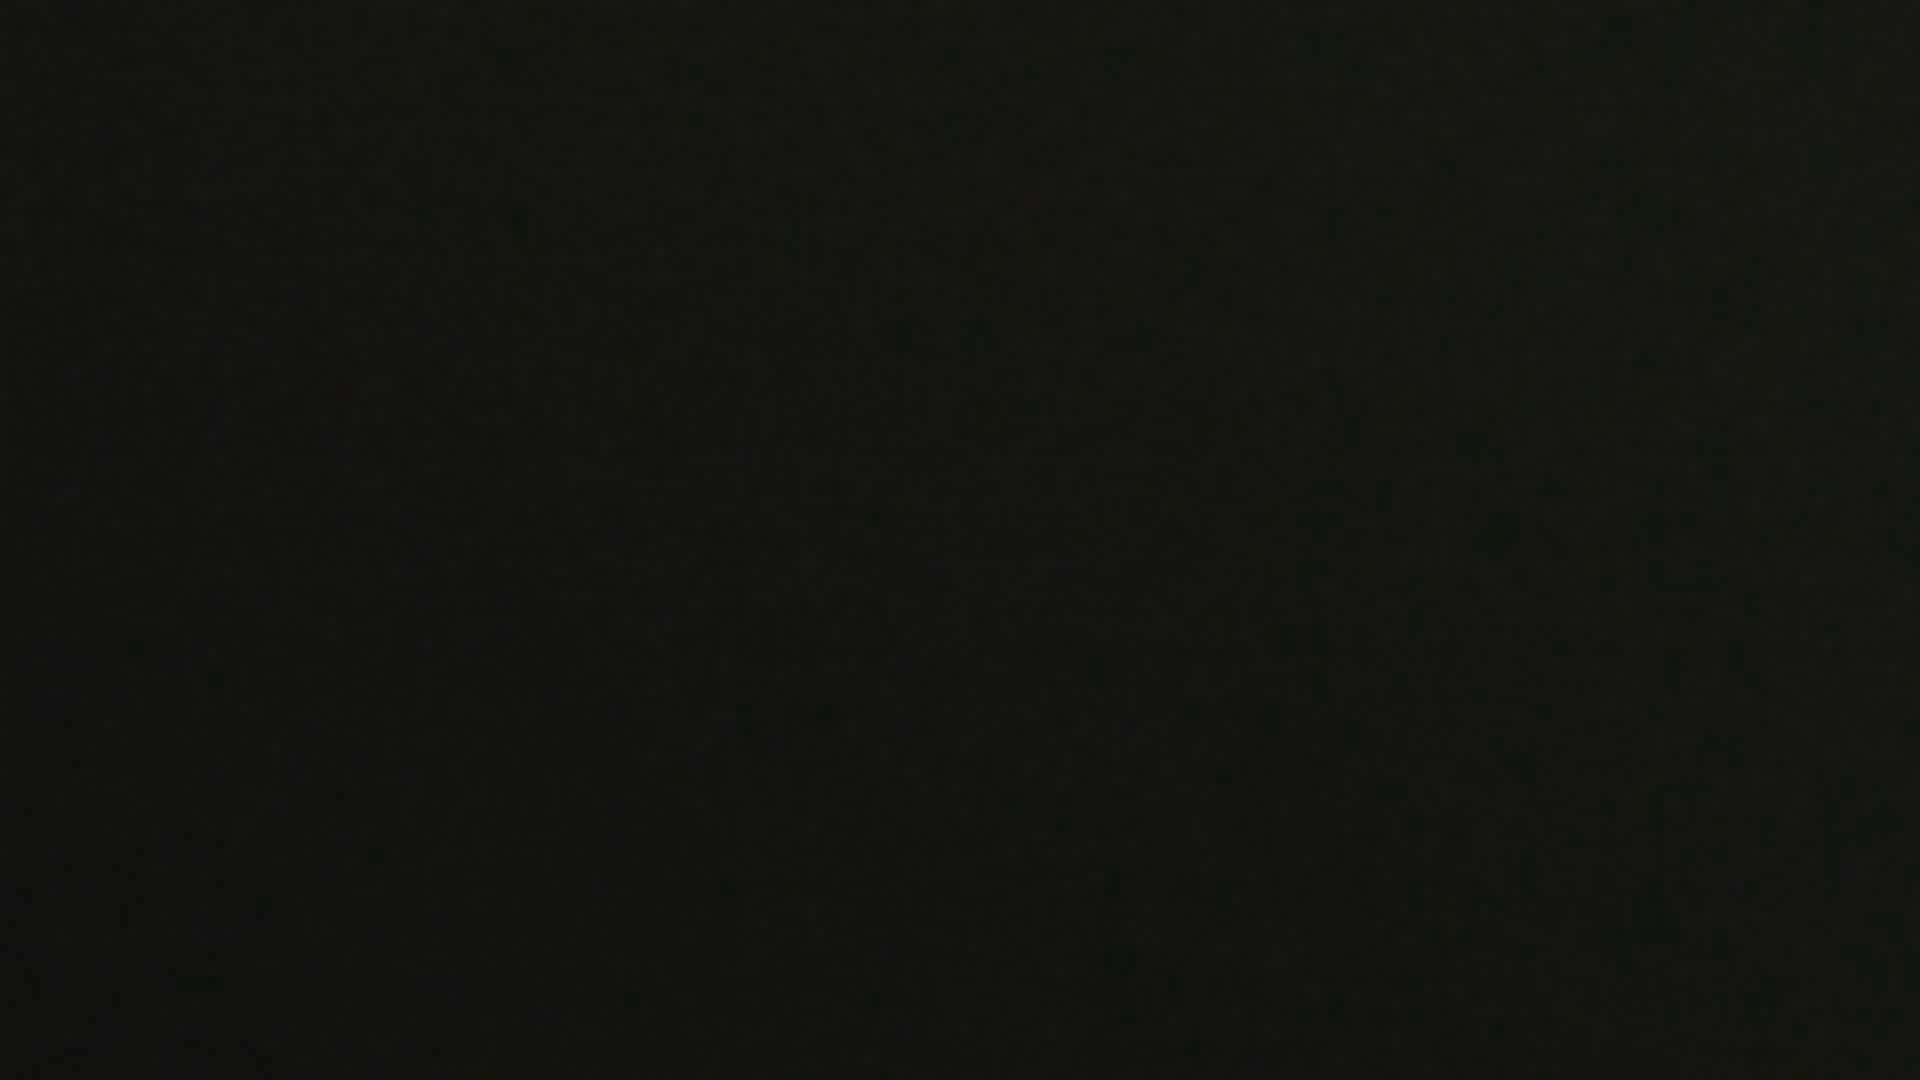 世界の射窓から ステーション編 vol.17厦大女厕偷拍 qianp 洗面所  87PIX 12